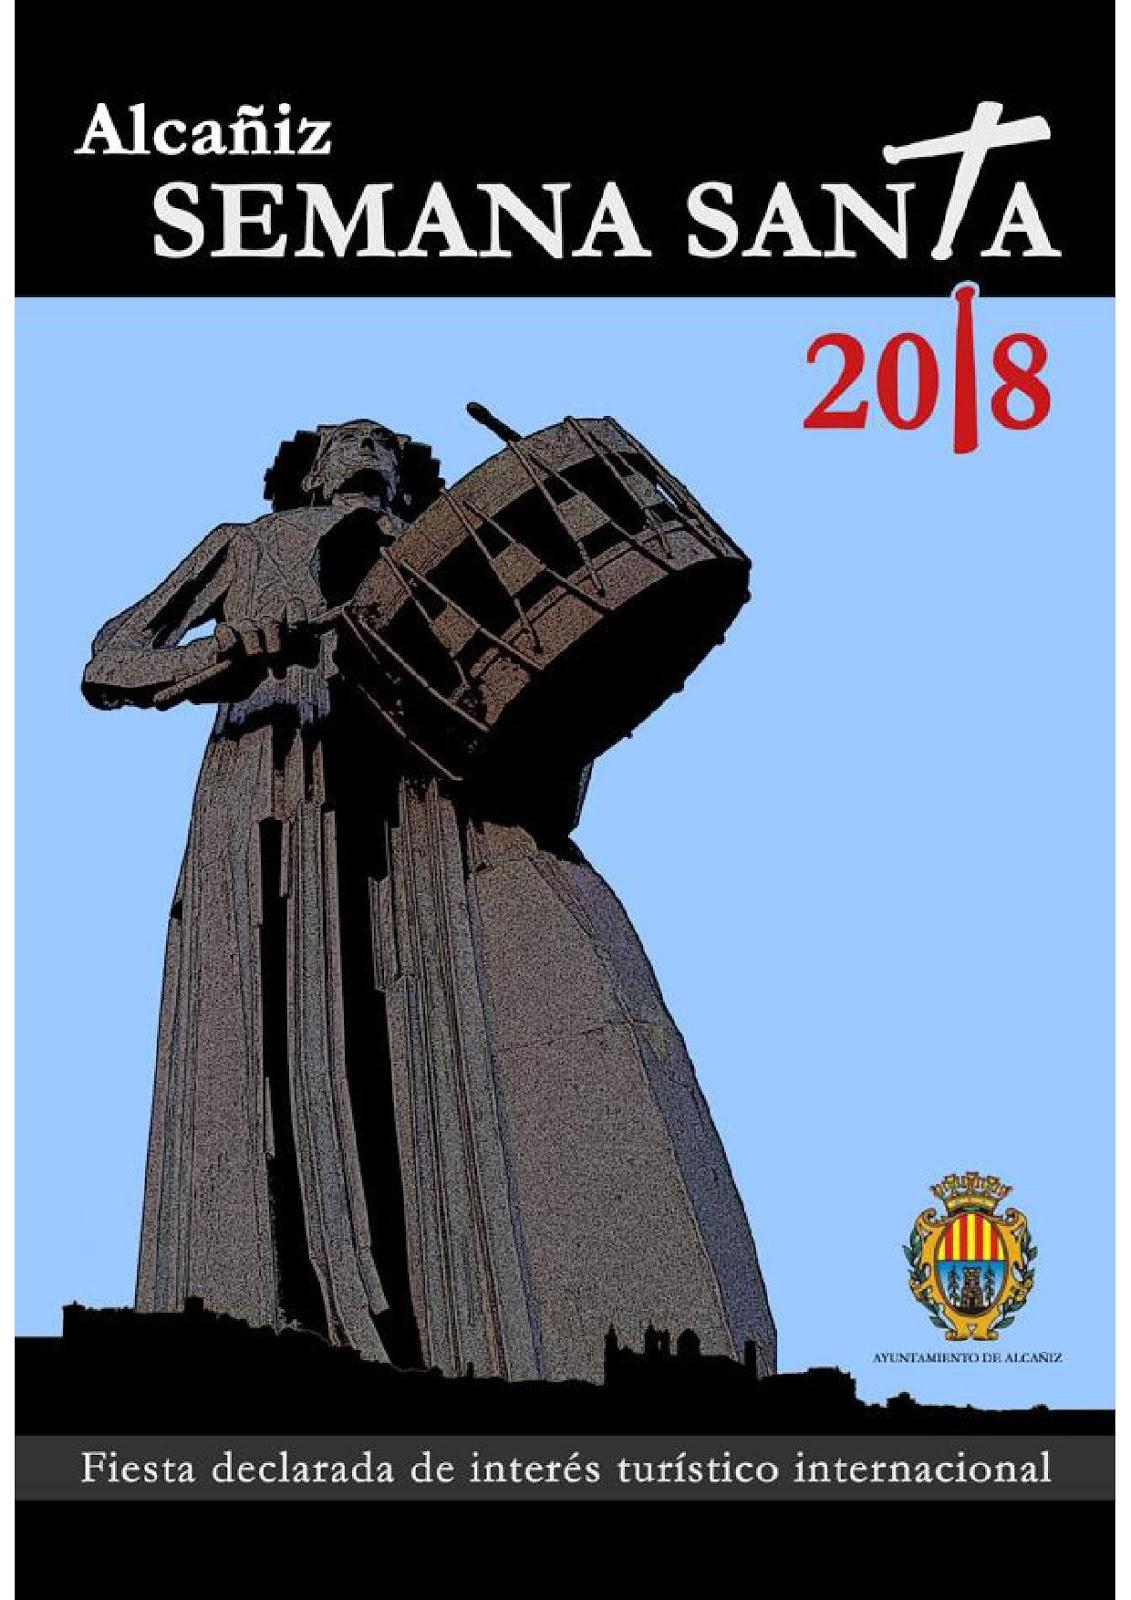 Programa de Semana Santa 2018 en Teruel (Ciudad)